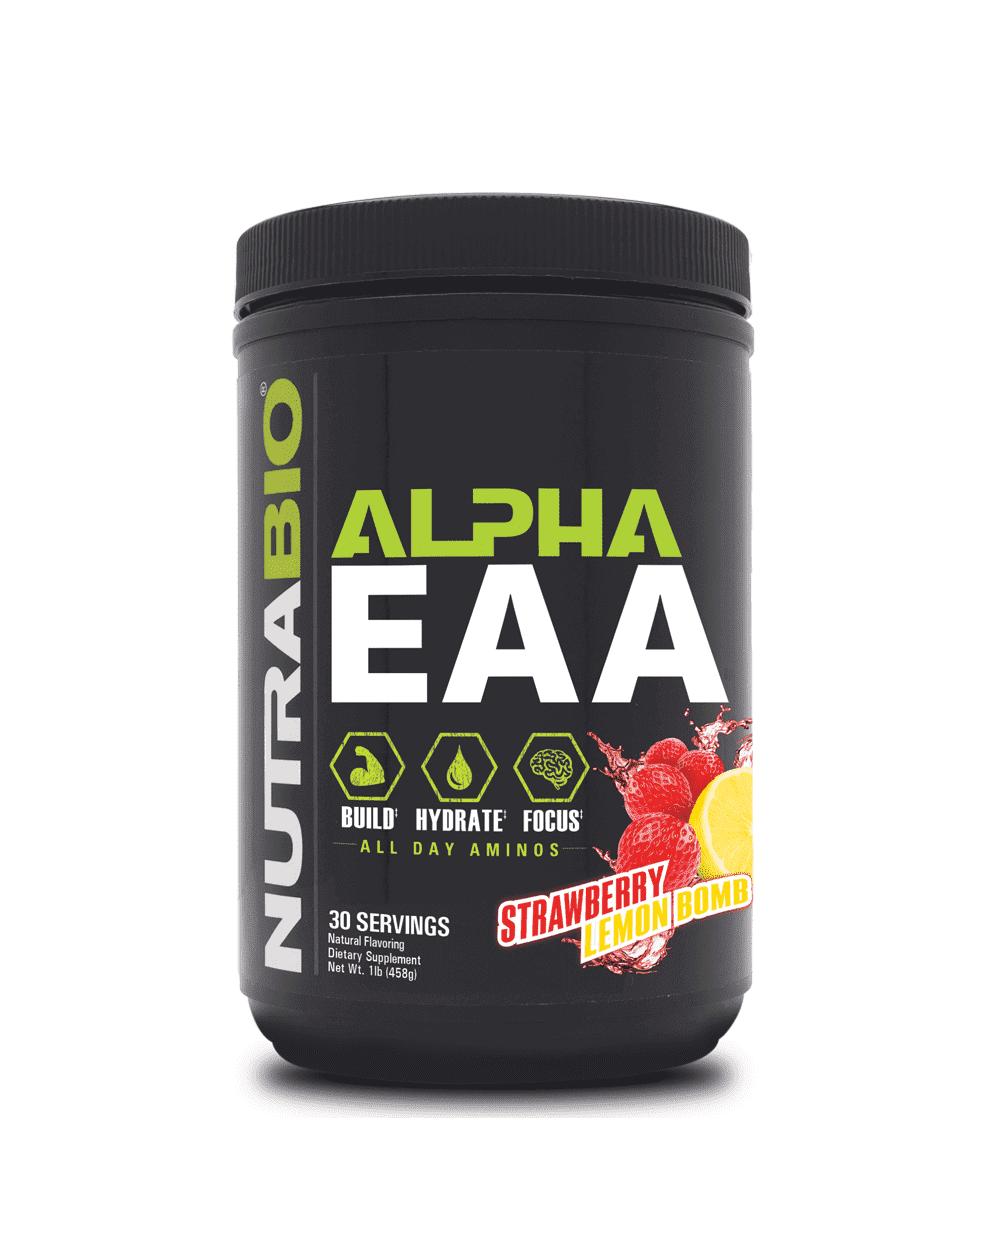 NutraBio - Alpha Eaa